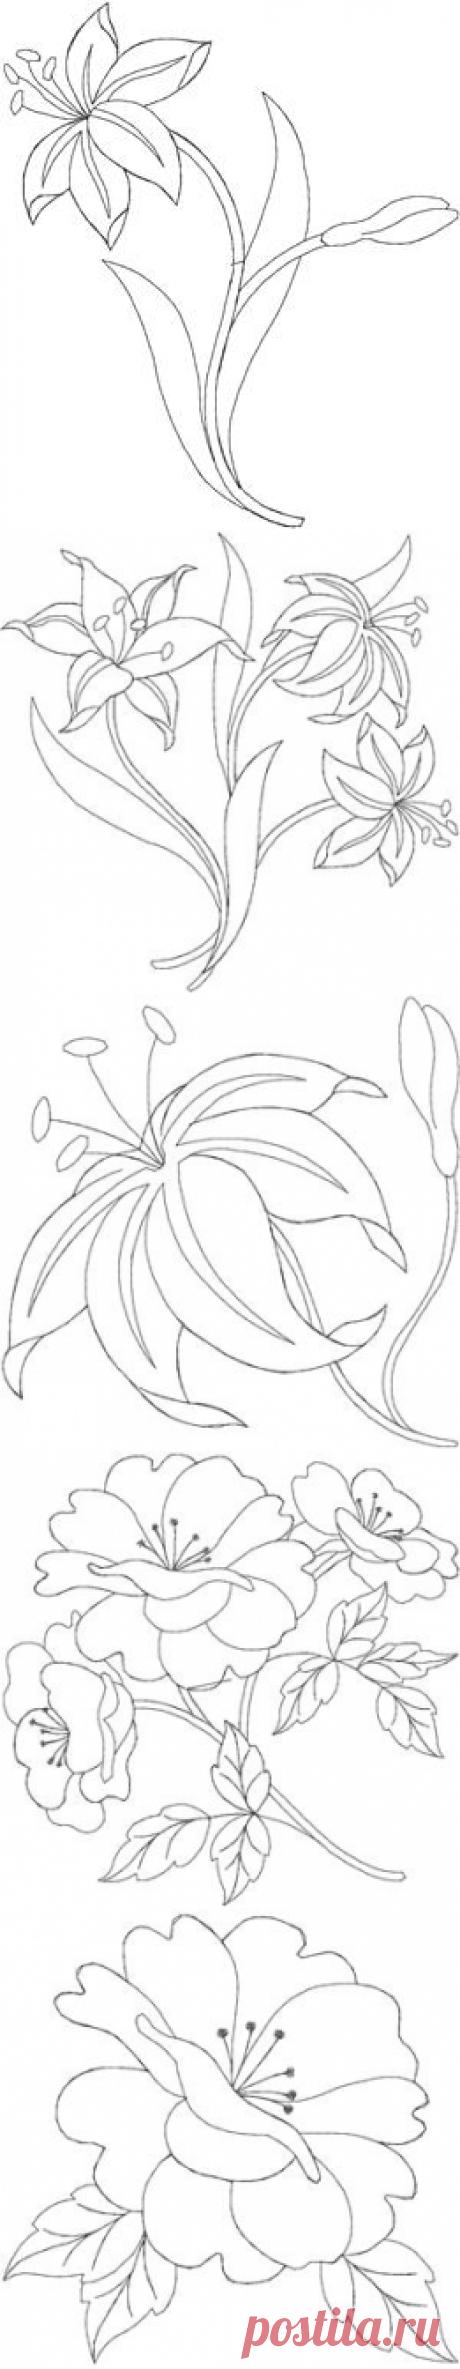 Цветочные мотивы для вышивки (росписи).